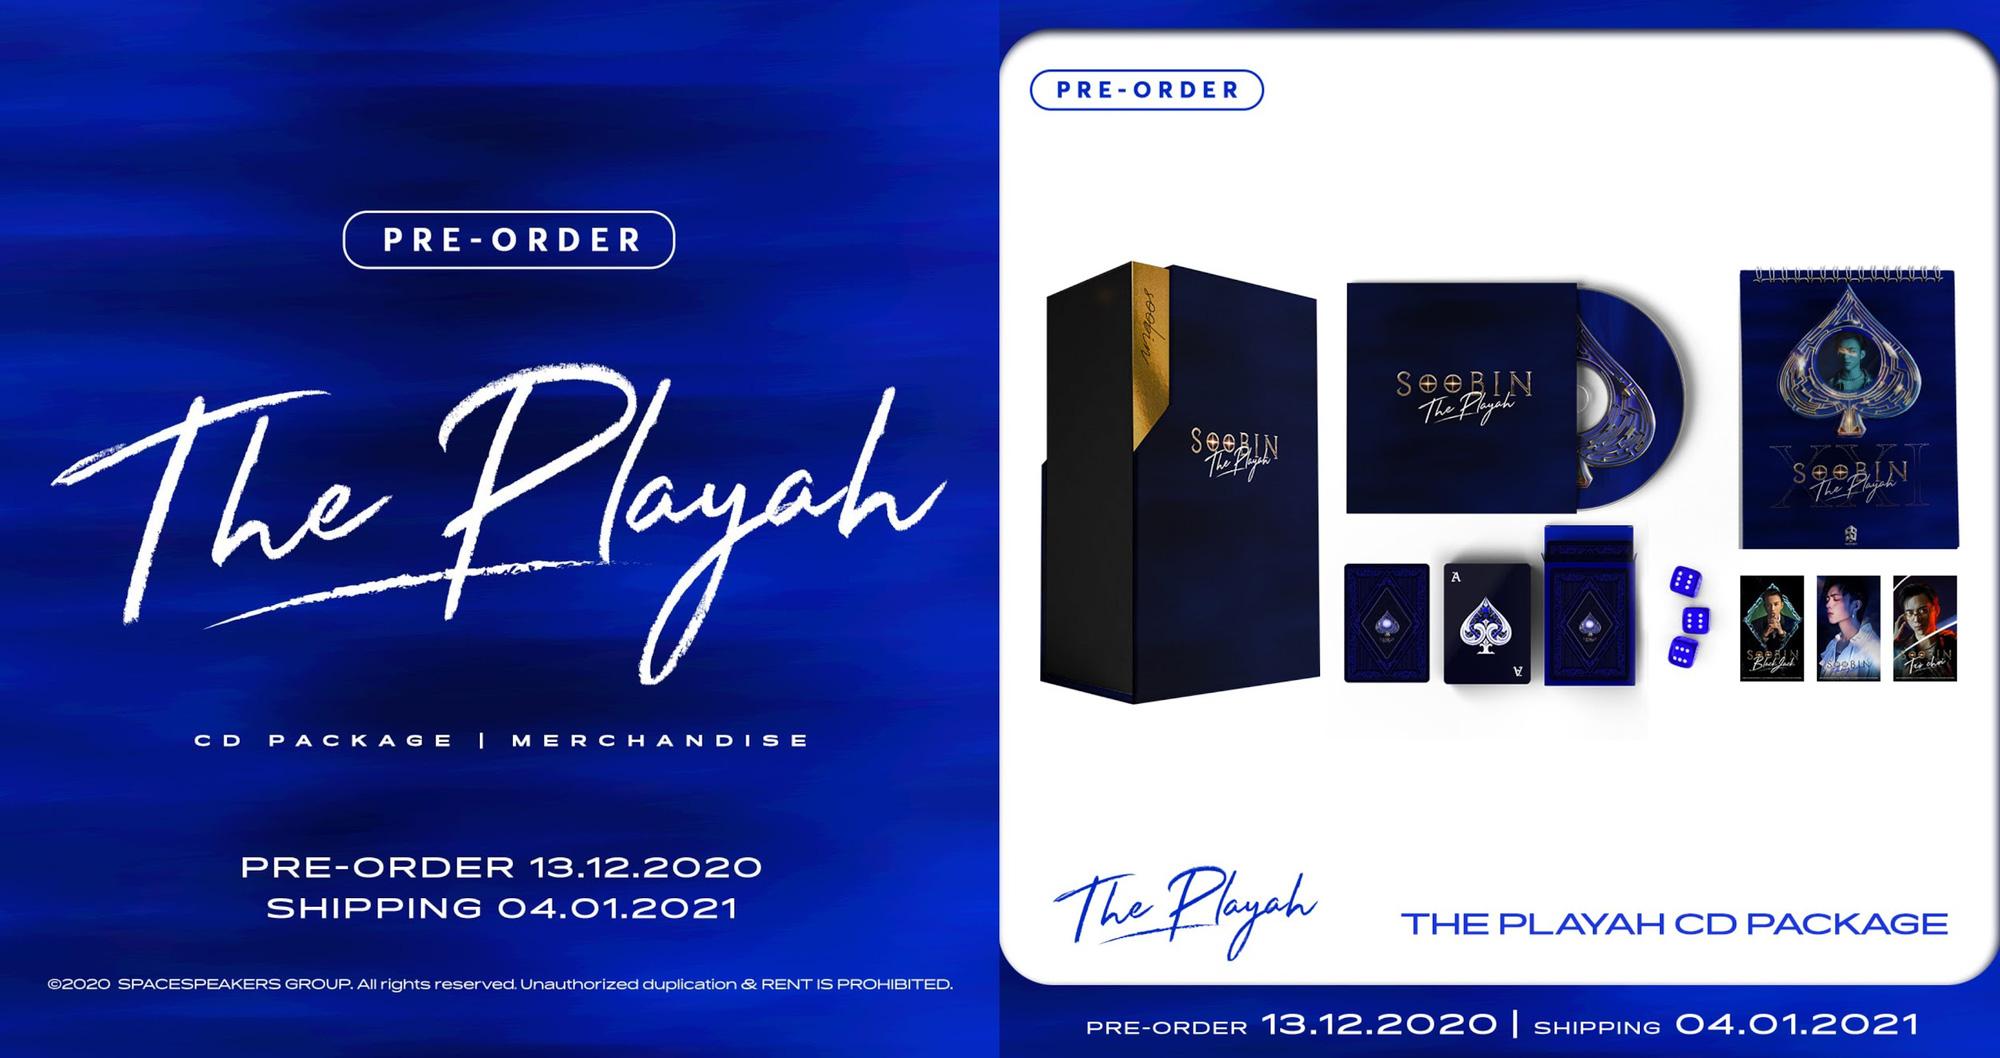 """Có gì hot trong bộ merchandise The Playah"""" của SOOBIN? - Ảnh 2."""